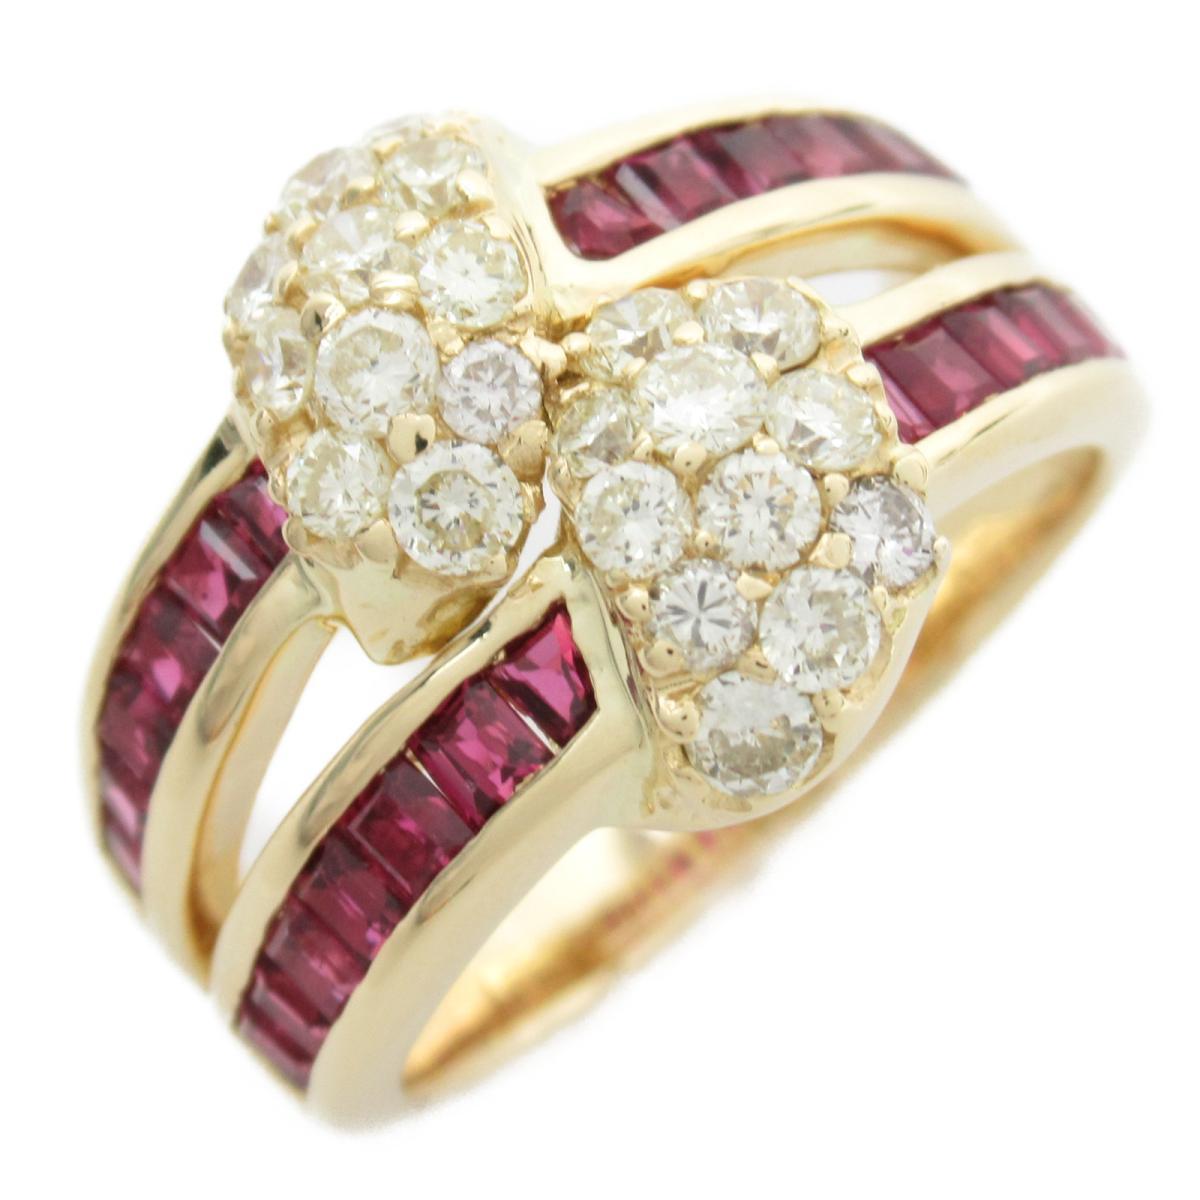 ジュエリー ルビー ダイヤモンド リング 指輪 ノーブランドジュエリー レディース 18Kイエローゴールド x ルビー1.50CT ダイヤモンド0.84CT 【中古】 | JEWELRY BRANDOFF ブランドオフ アクセサリー